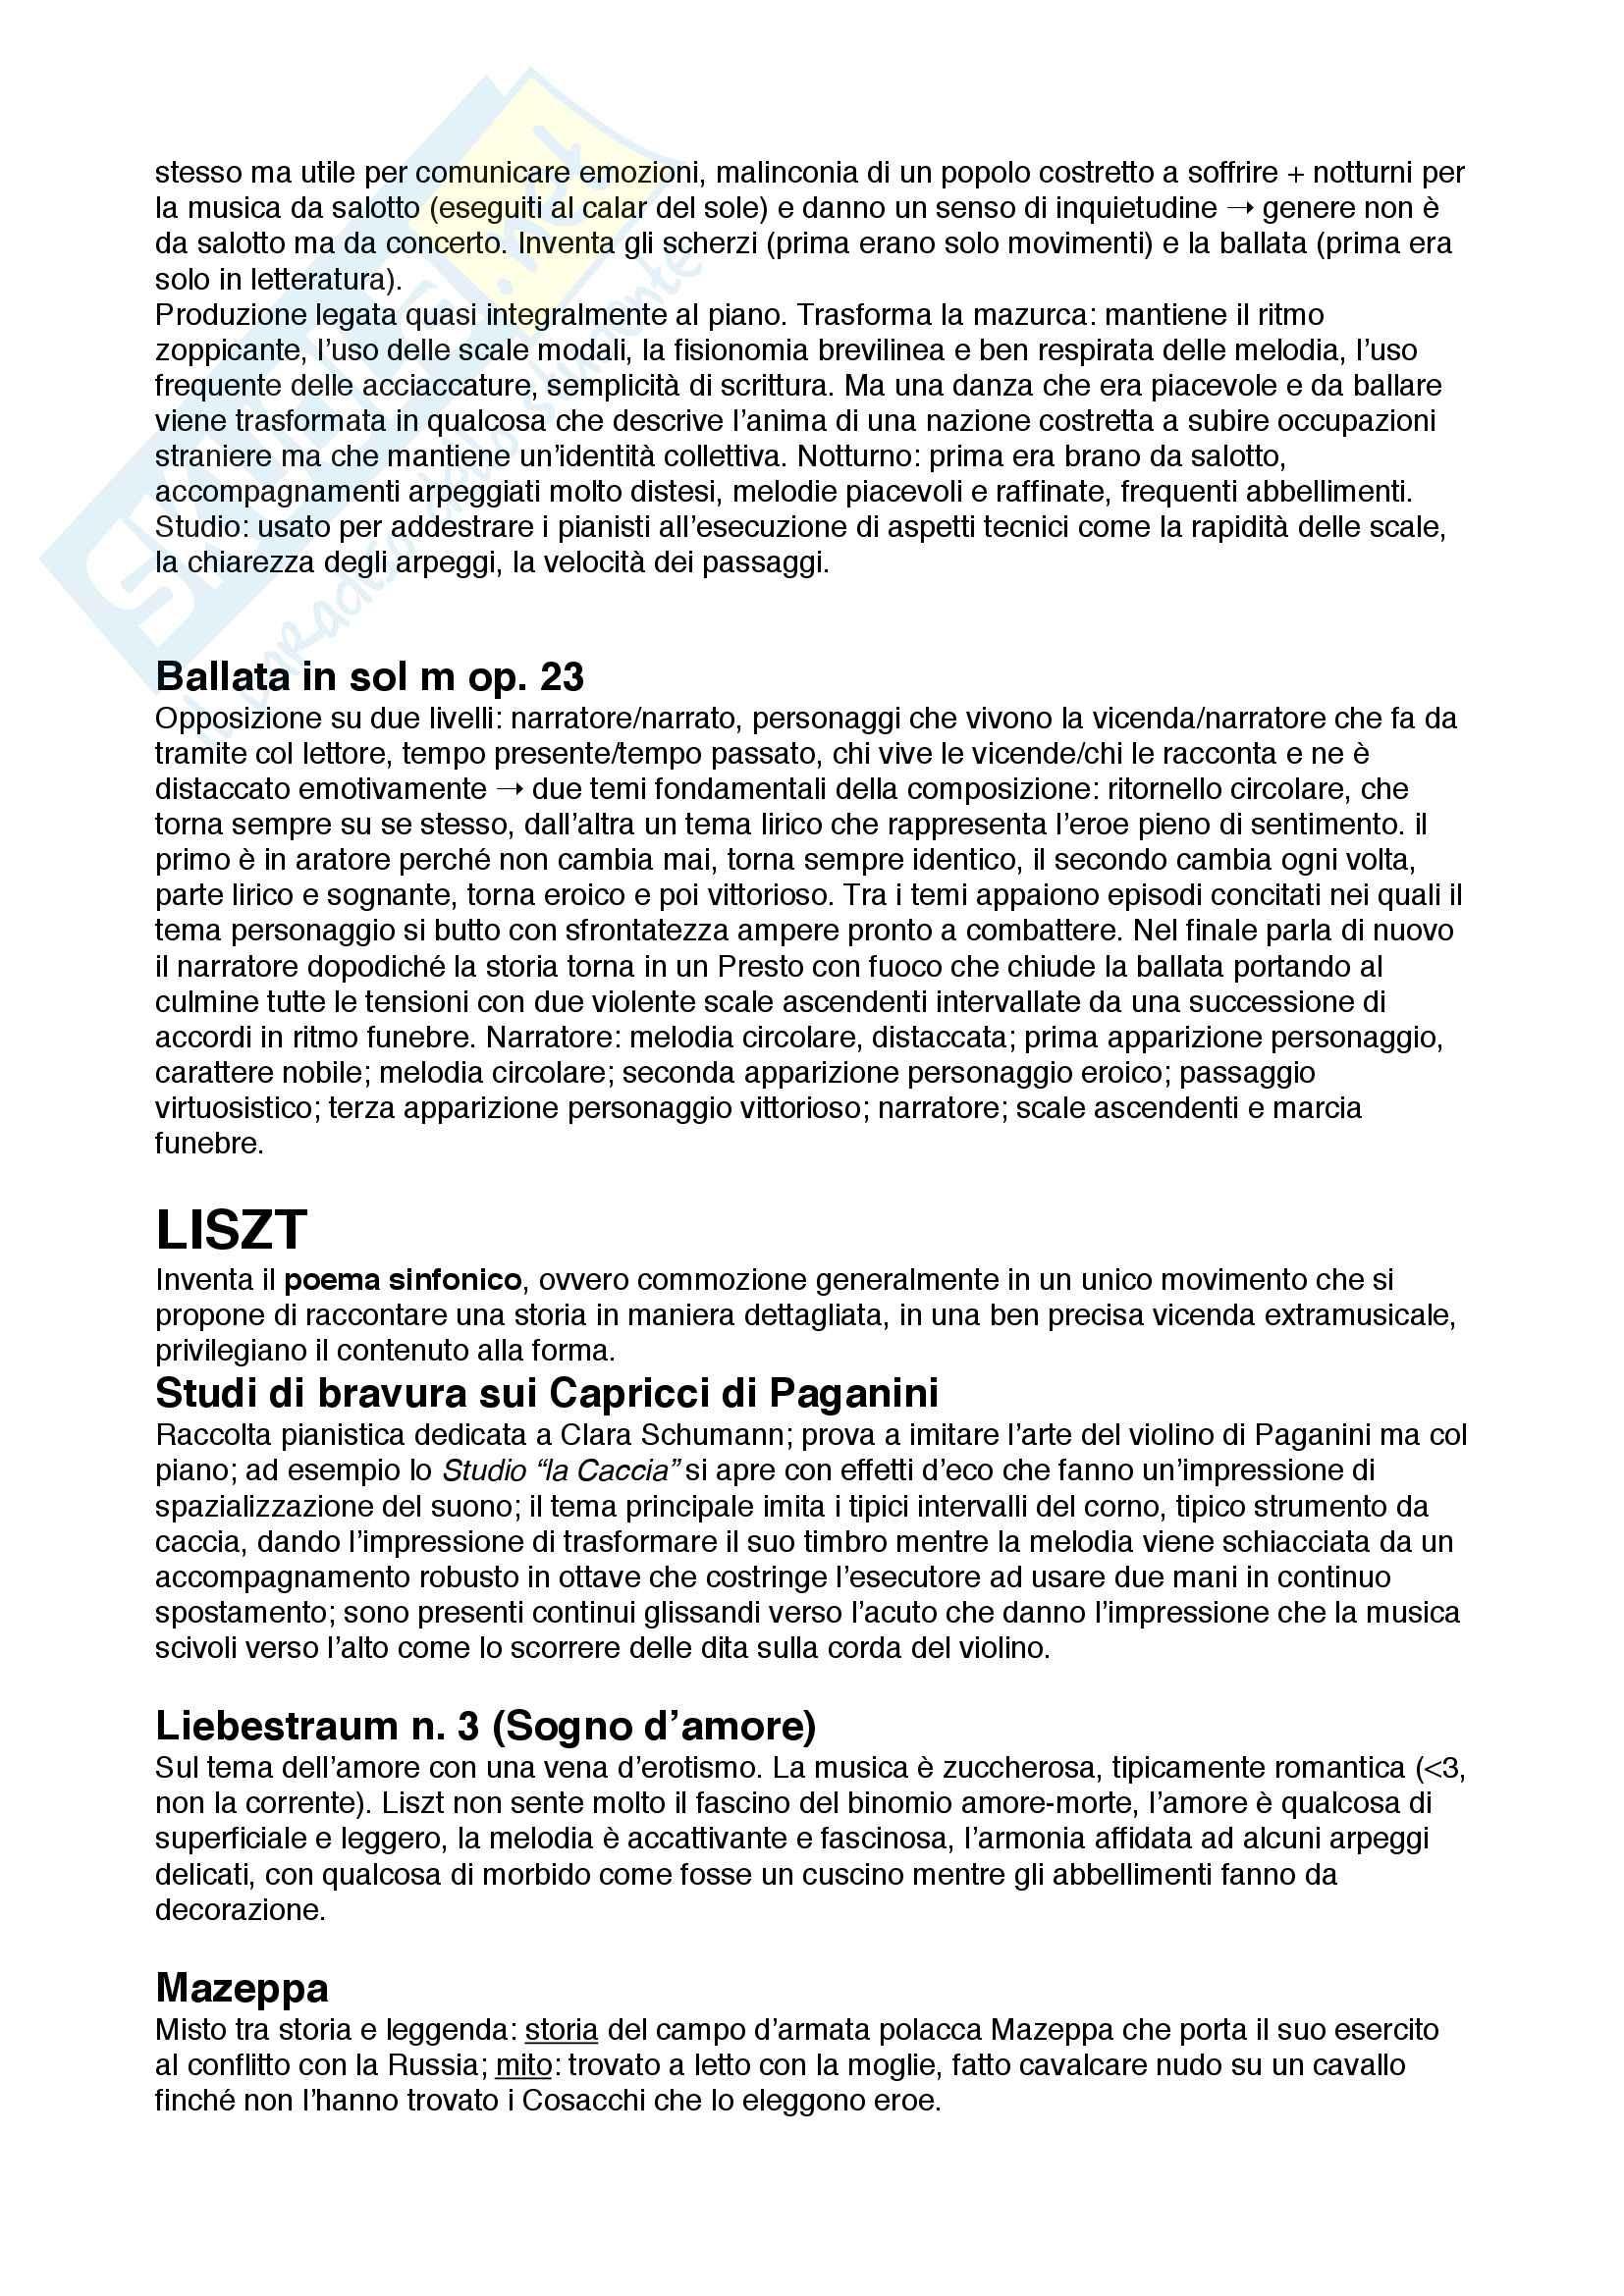 Calendario Olandese 2019 Con Santi Más Recientes Riassunto Esame Storia Della Musica Prof Malvano Libro Of Calendario Olandese 2019 Con Santi Más Populares Il Domani by T&p Editori Il Domani issuu